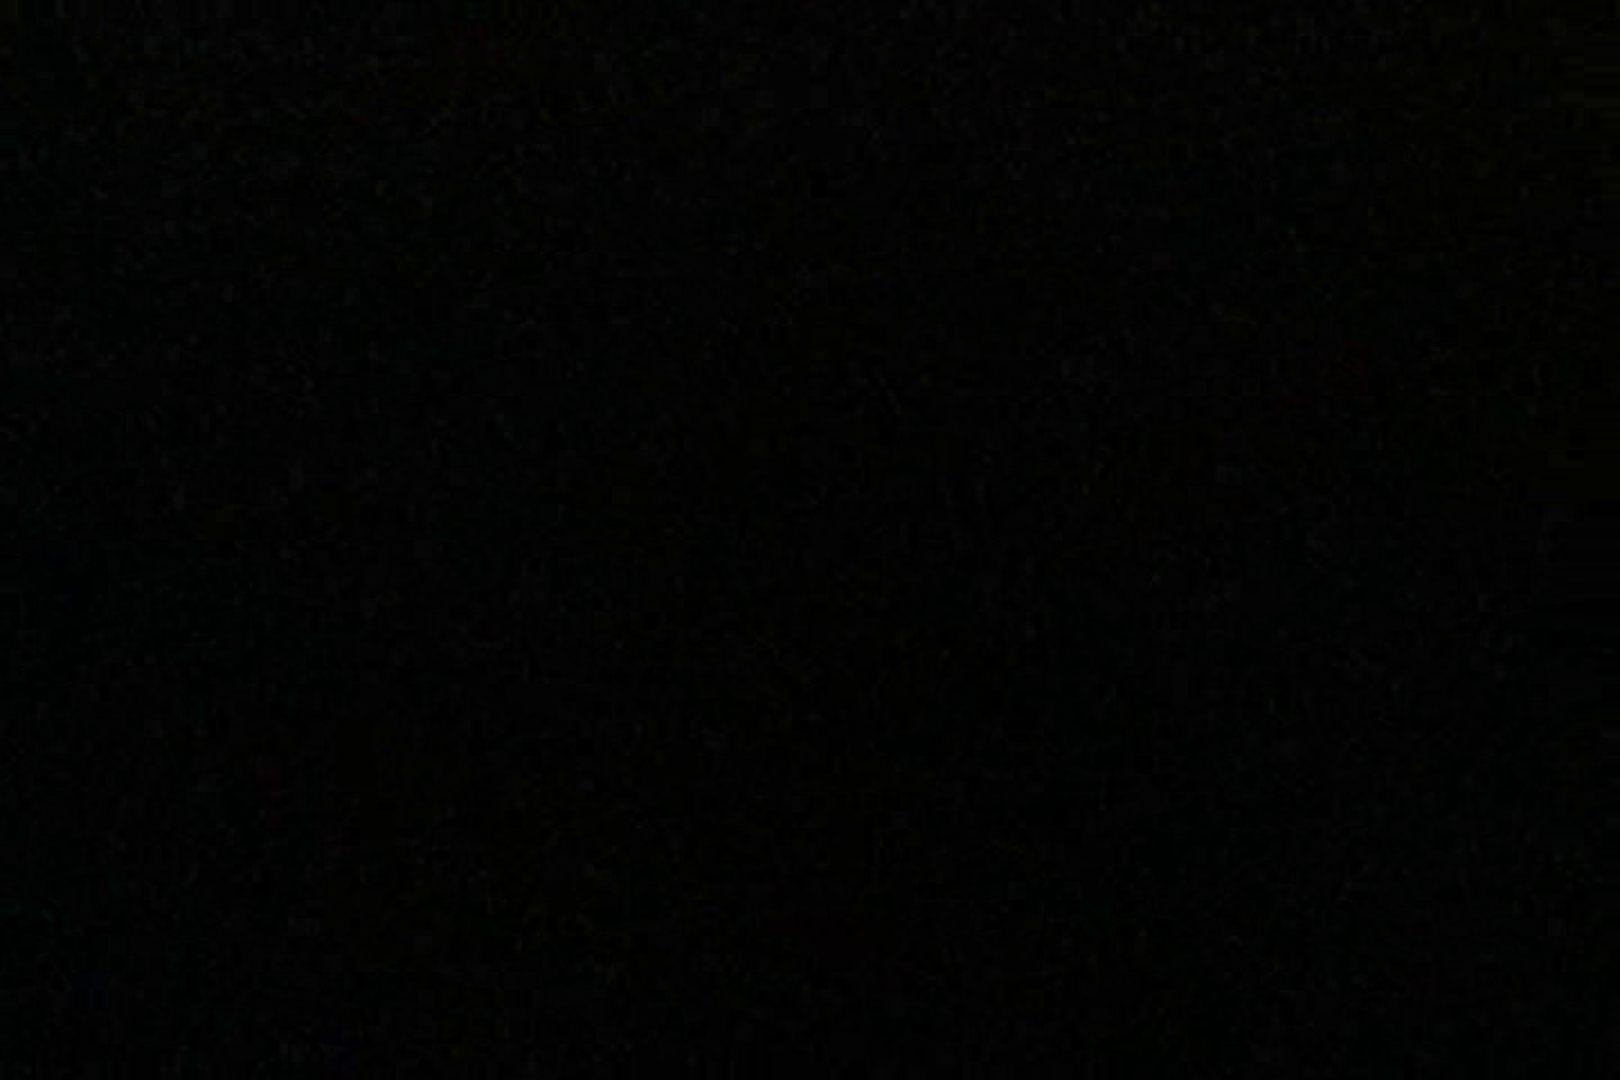 充血監督の深夜の運動会Vol.12 裸体 すけべAV動画紹介 98連発 34